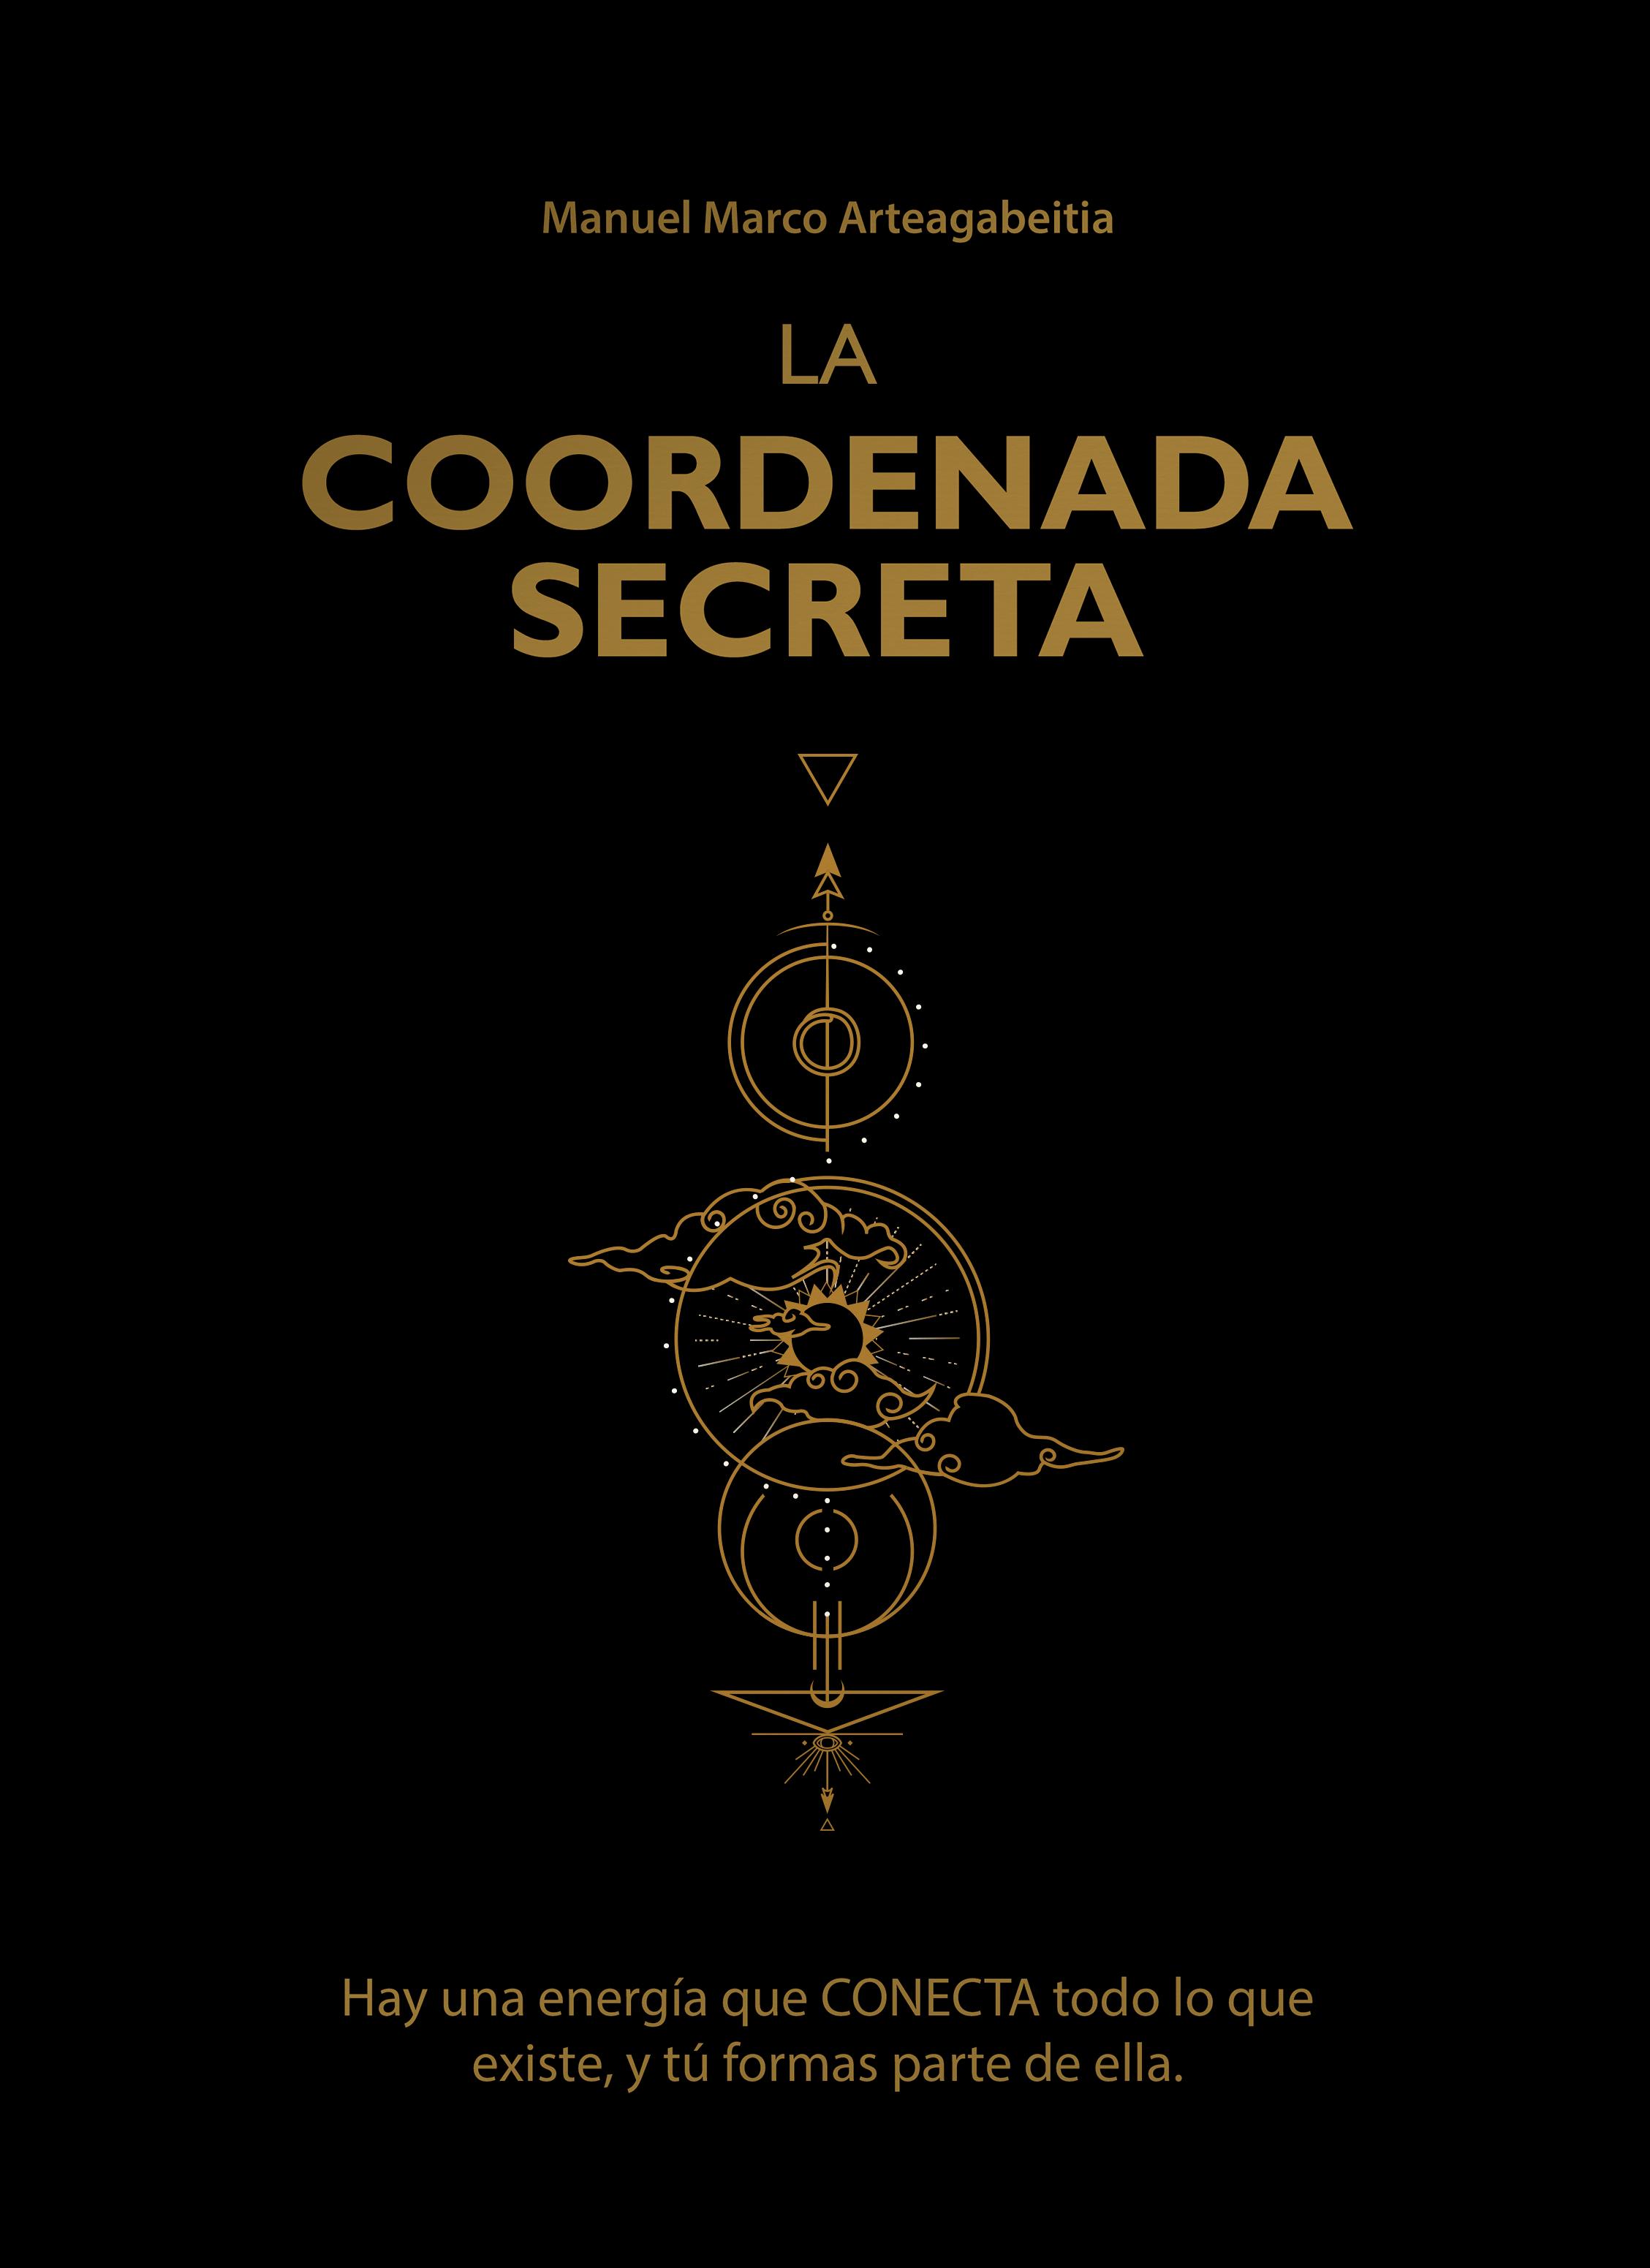 LA_COORDENADA_SECRETA